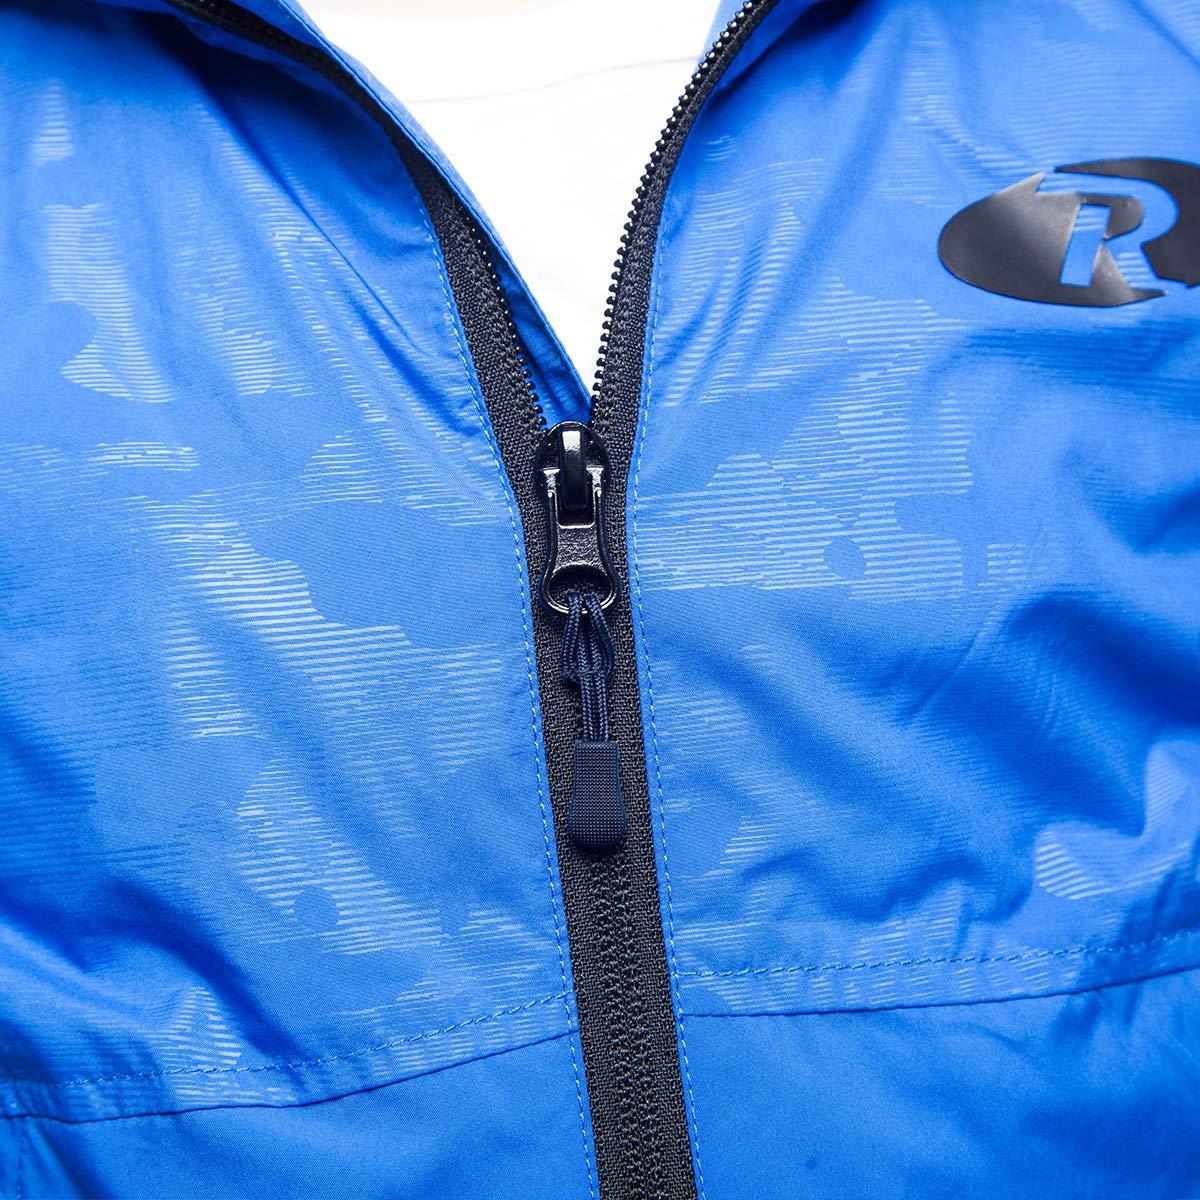 Rokka&Rolla Boys' Lightweight Water Resistant Zip-Up Hooded Windbreaker Jacket by Rokka&Rolla (Image #5)